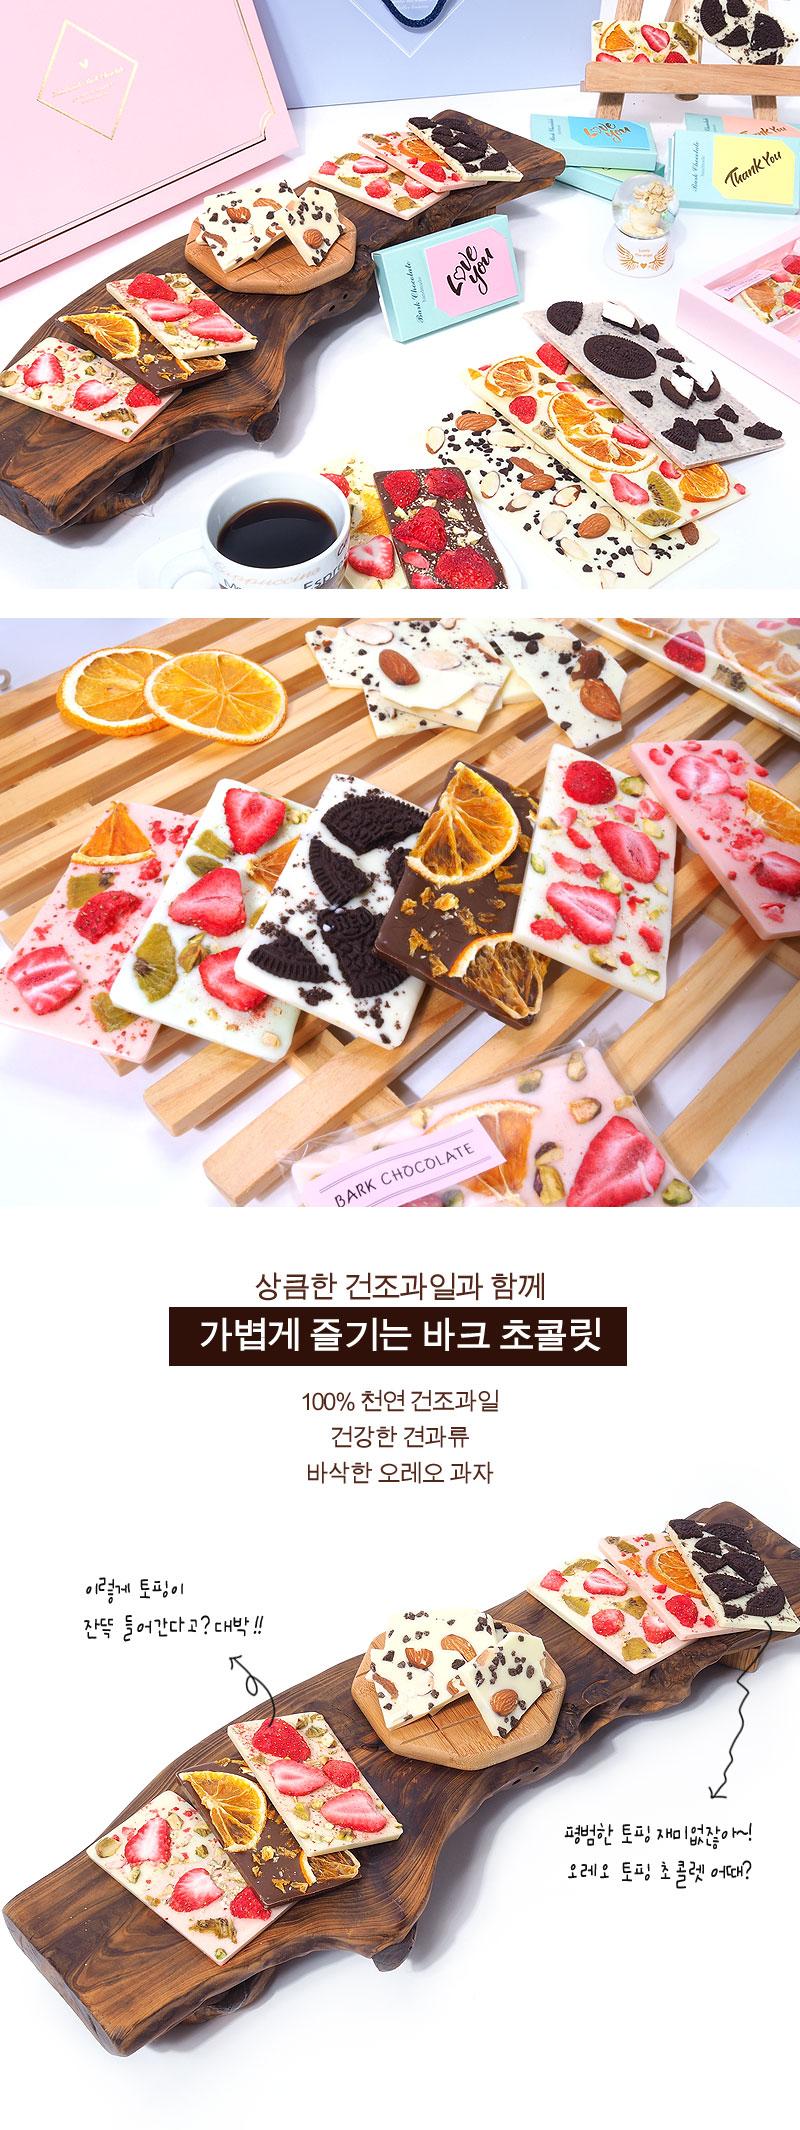 심플 바크초콜릿만들기세트 - 미소짓는 하루, 27,900원, DIY세트, 초콜릿 만들기